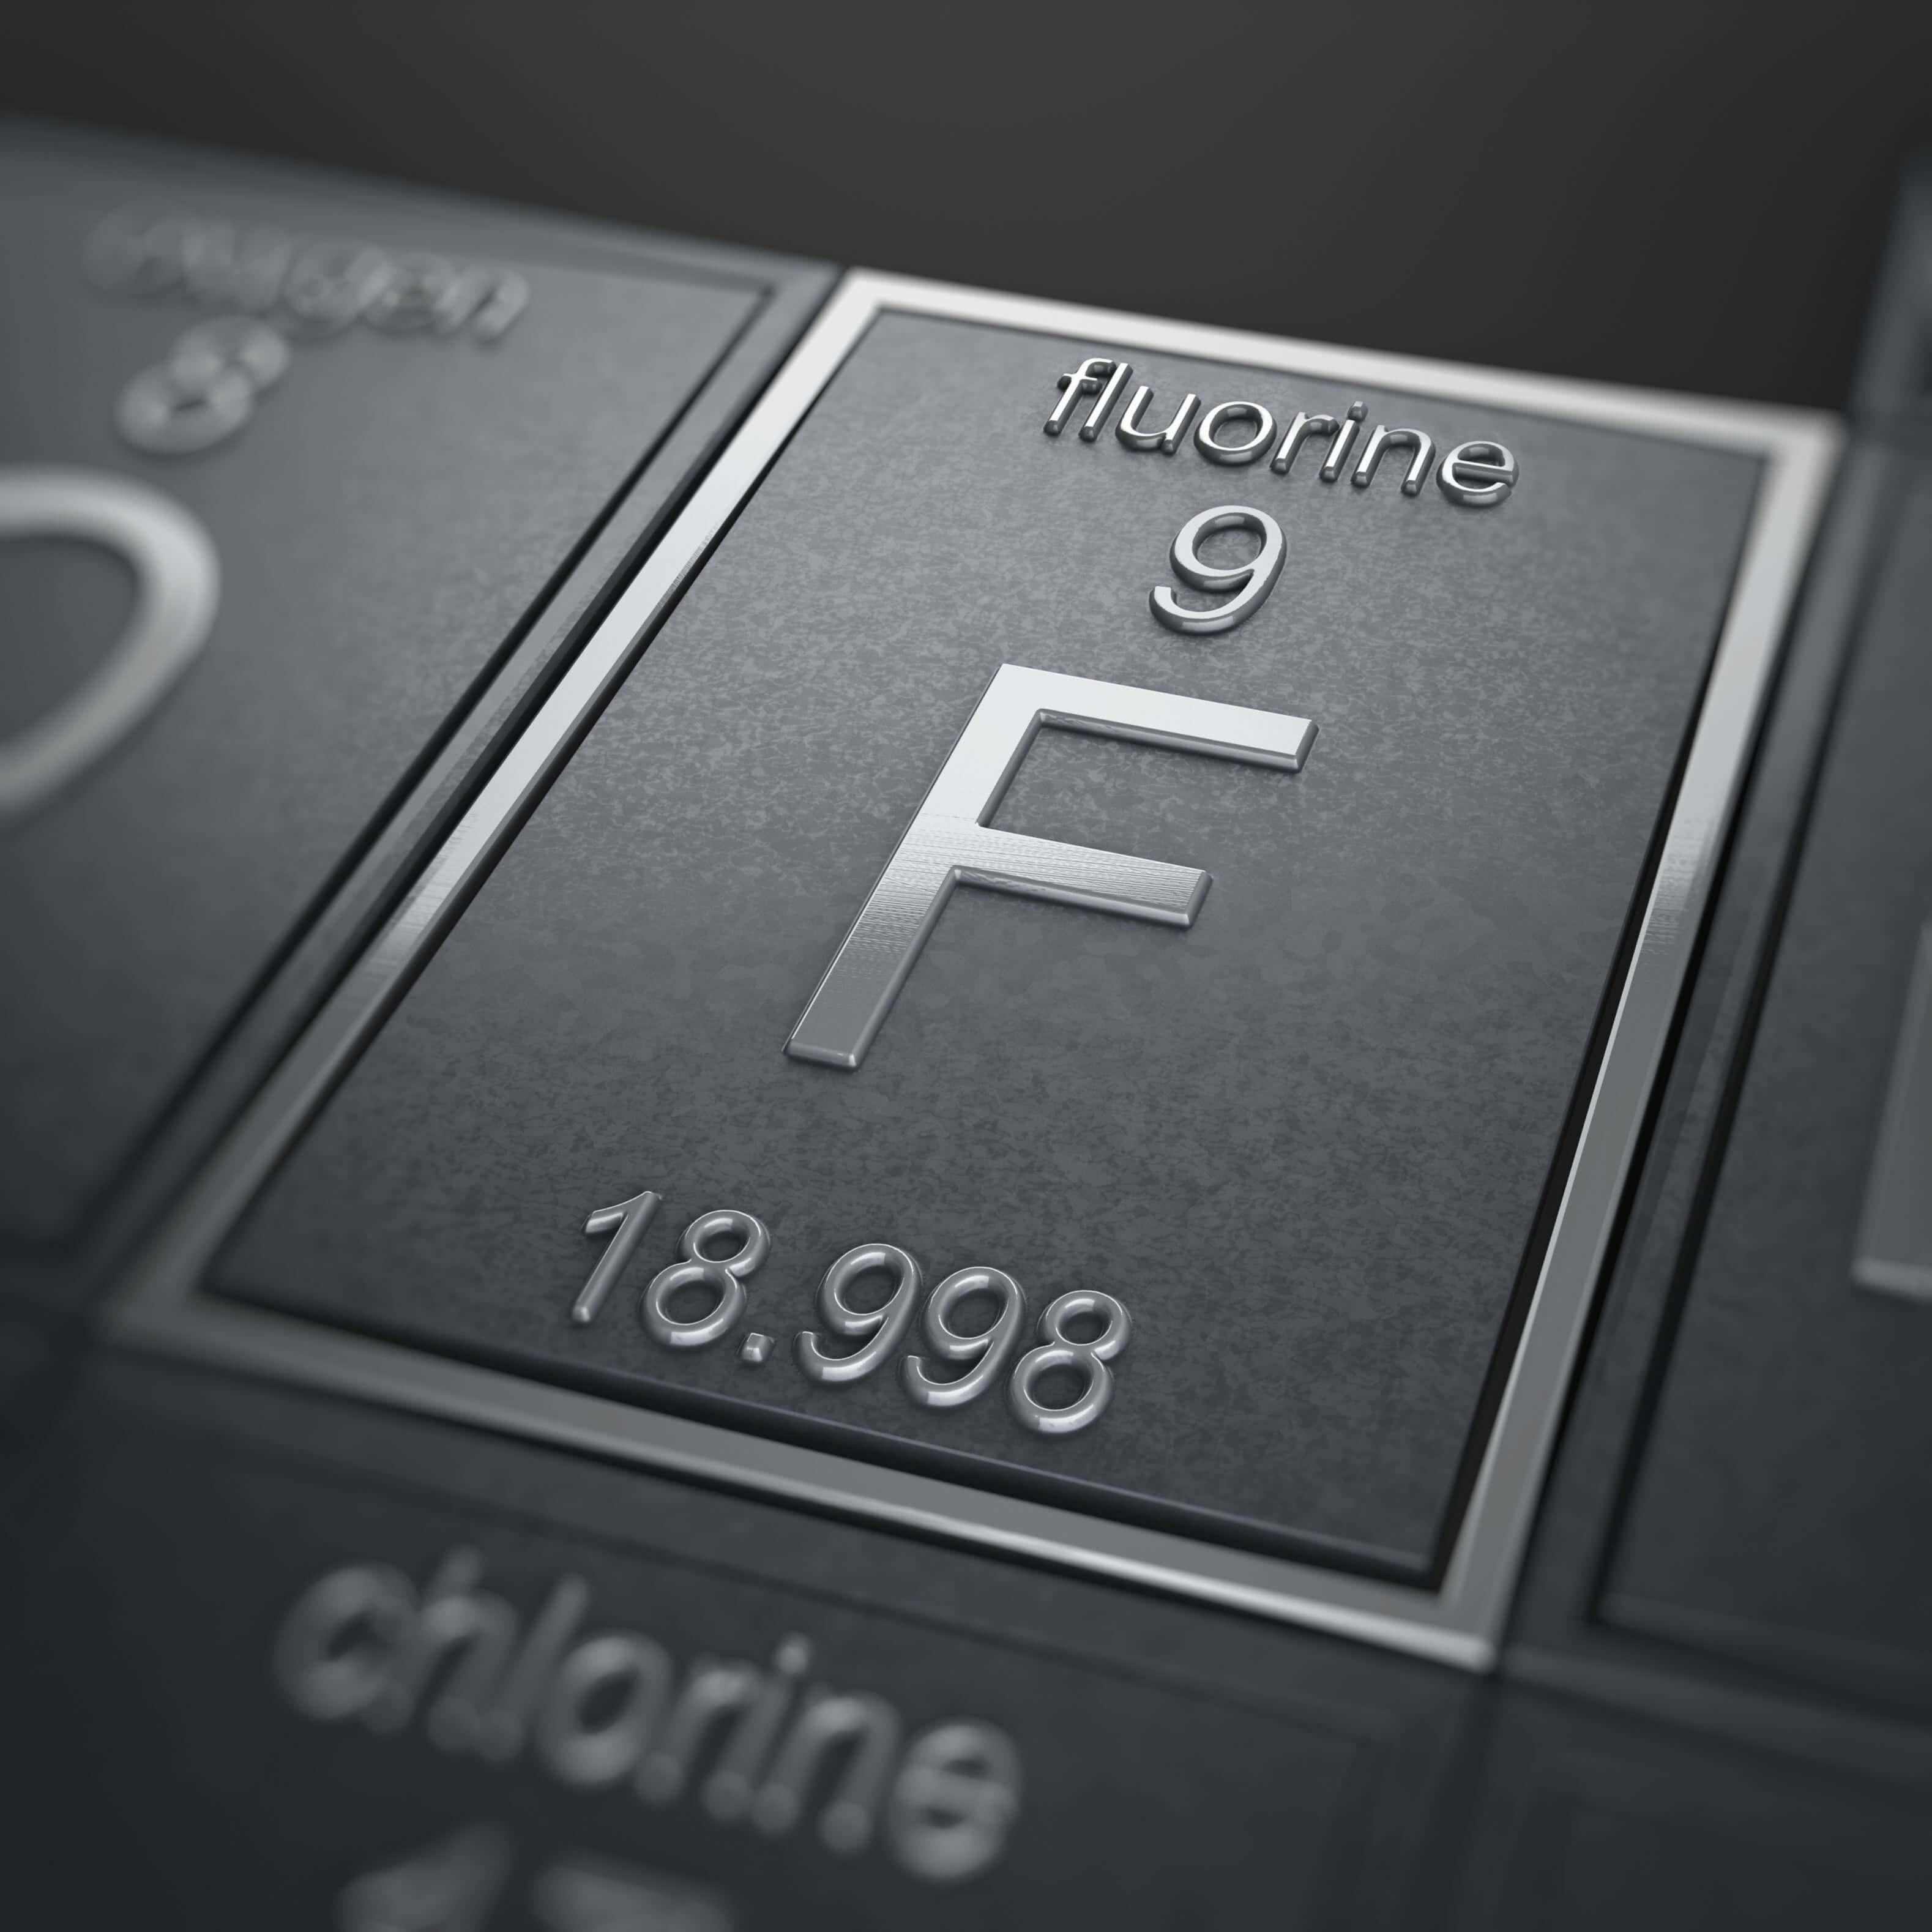 Flo còn được xếp cùng với những chất độc đáng sợ như chì, asen, thủy ngân